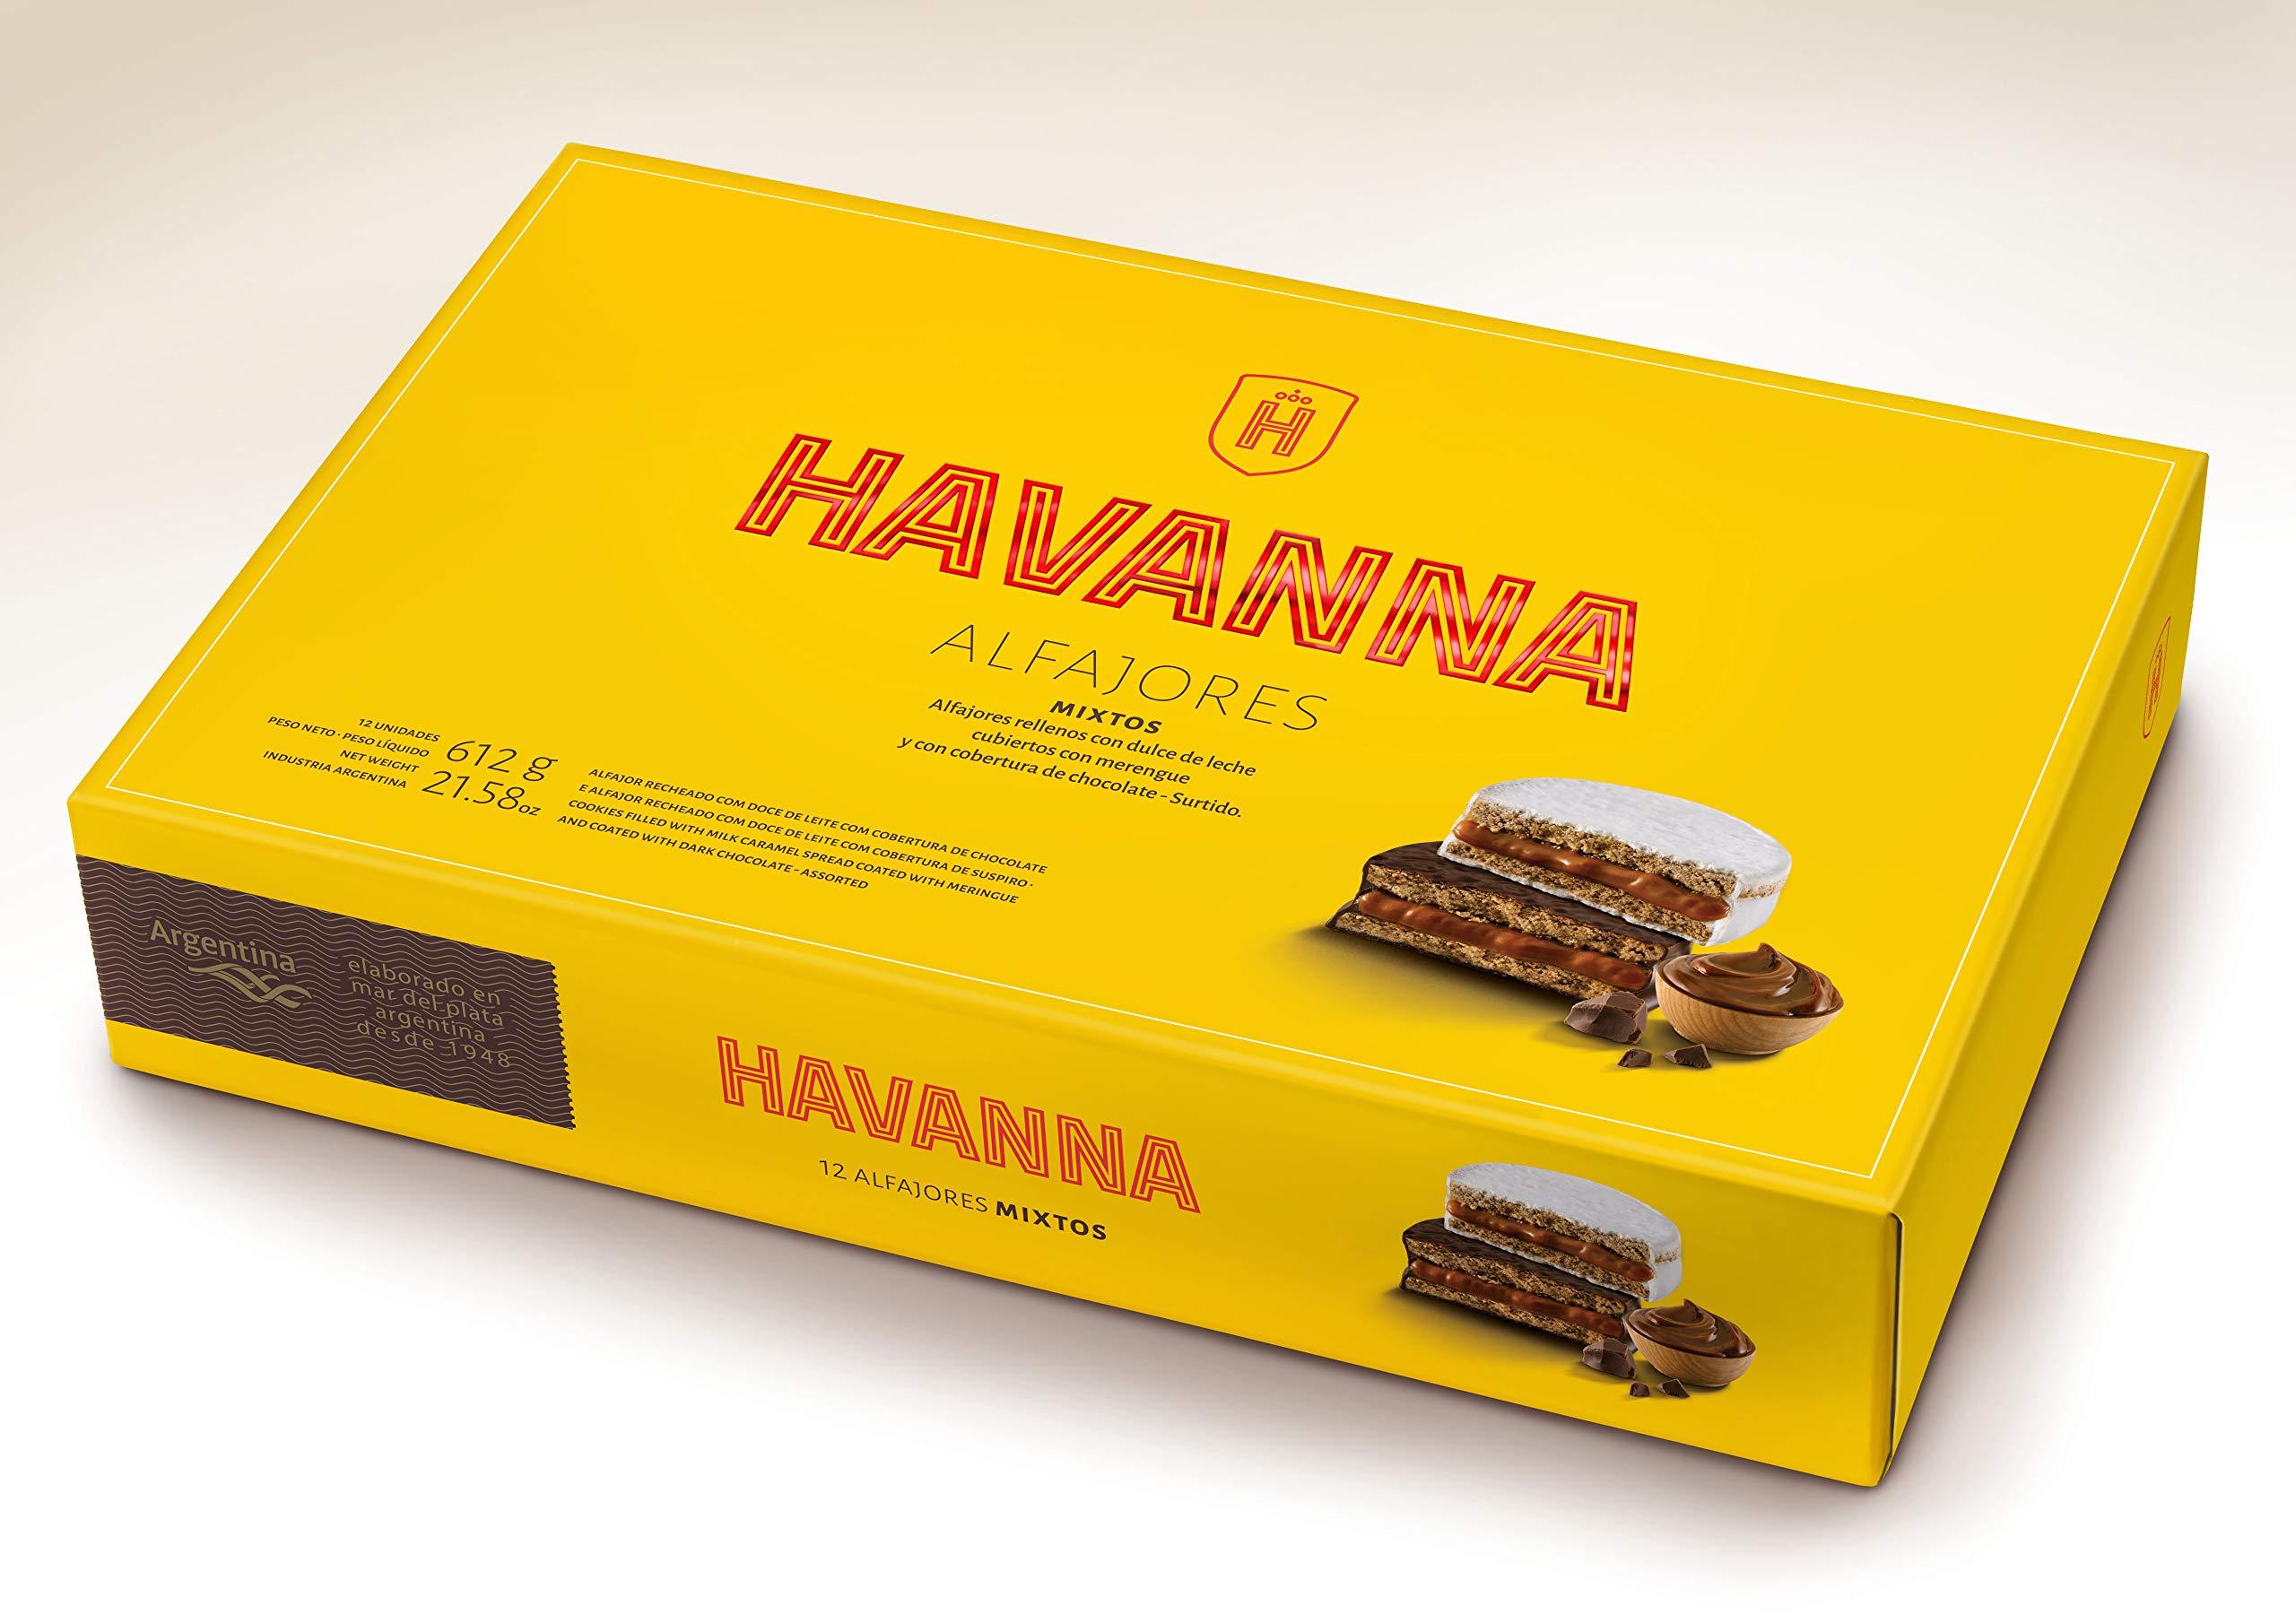 Havanna Alfajores Mixtos x 12 unidades - 612 grams (21.58oz)